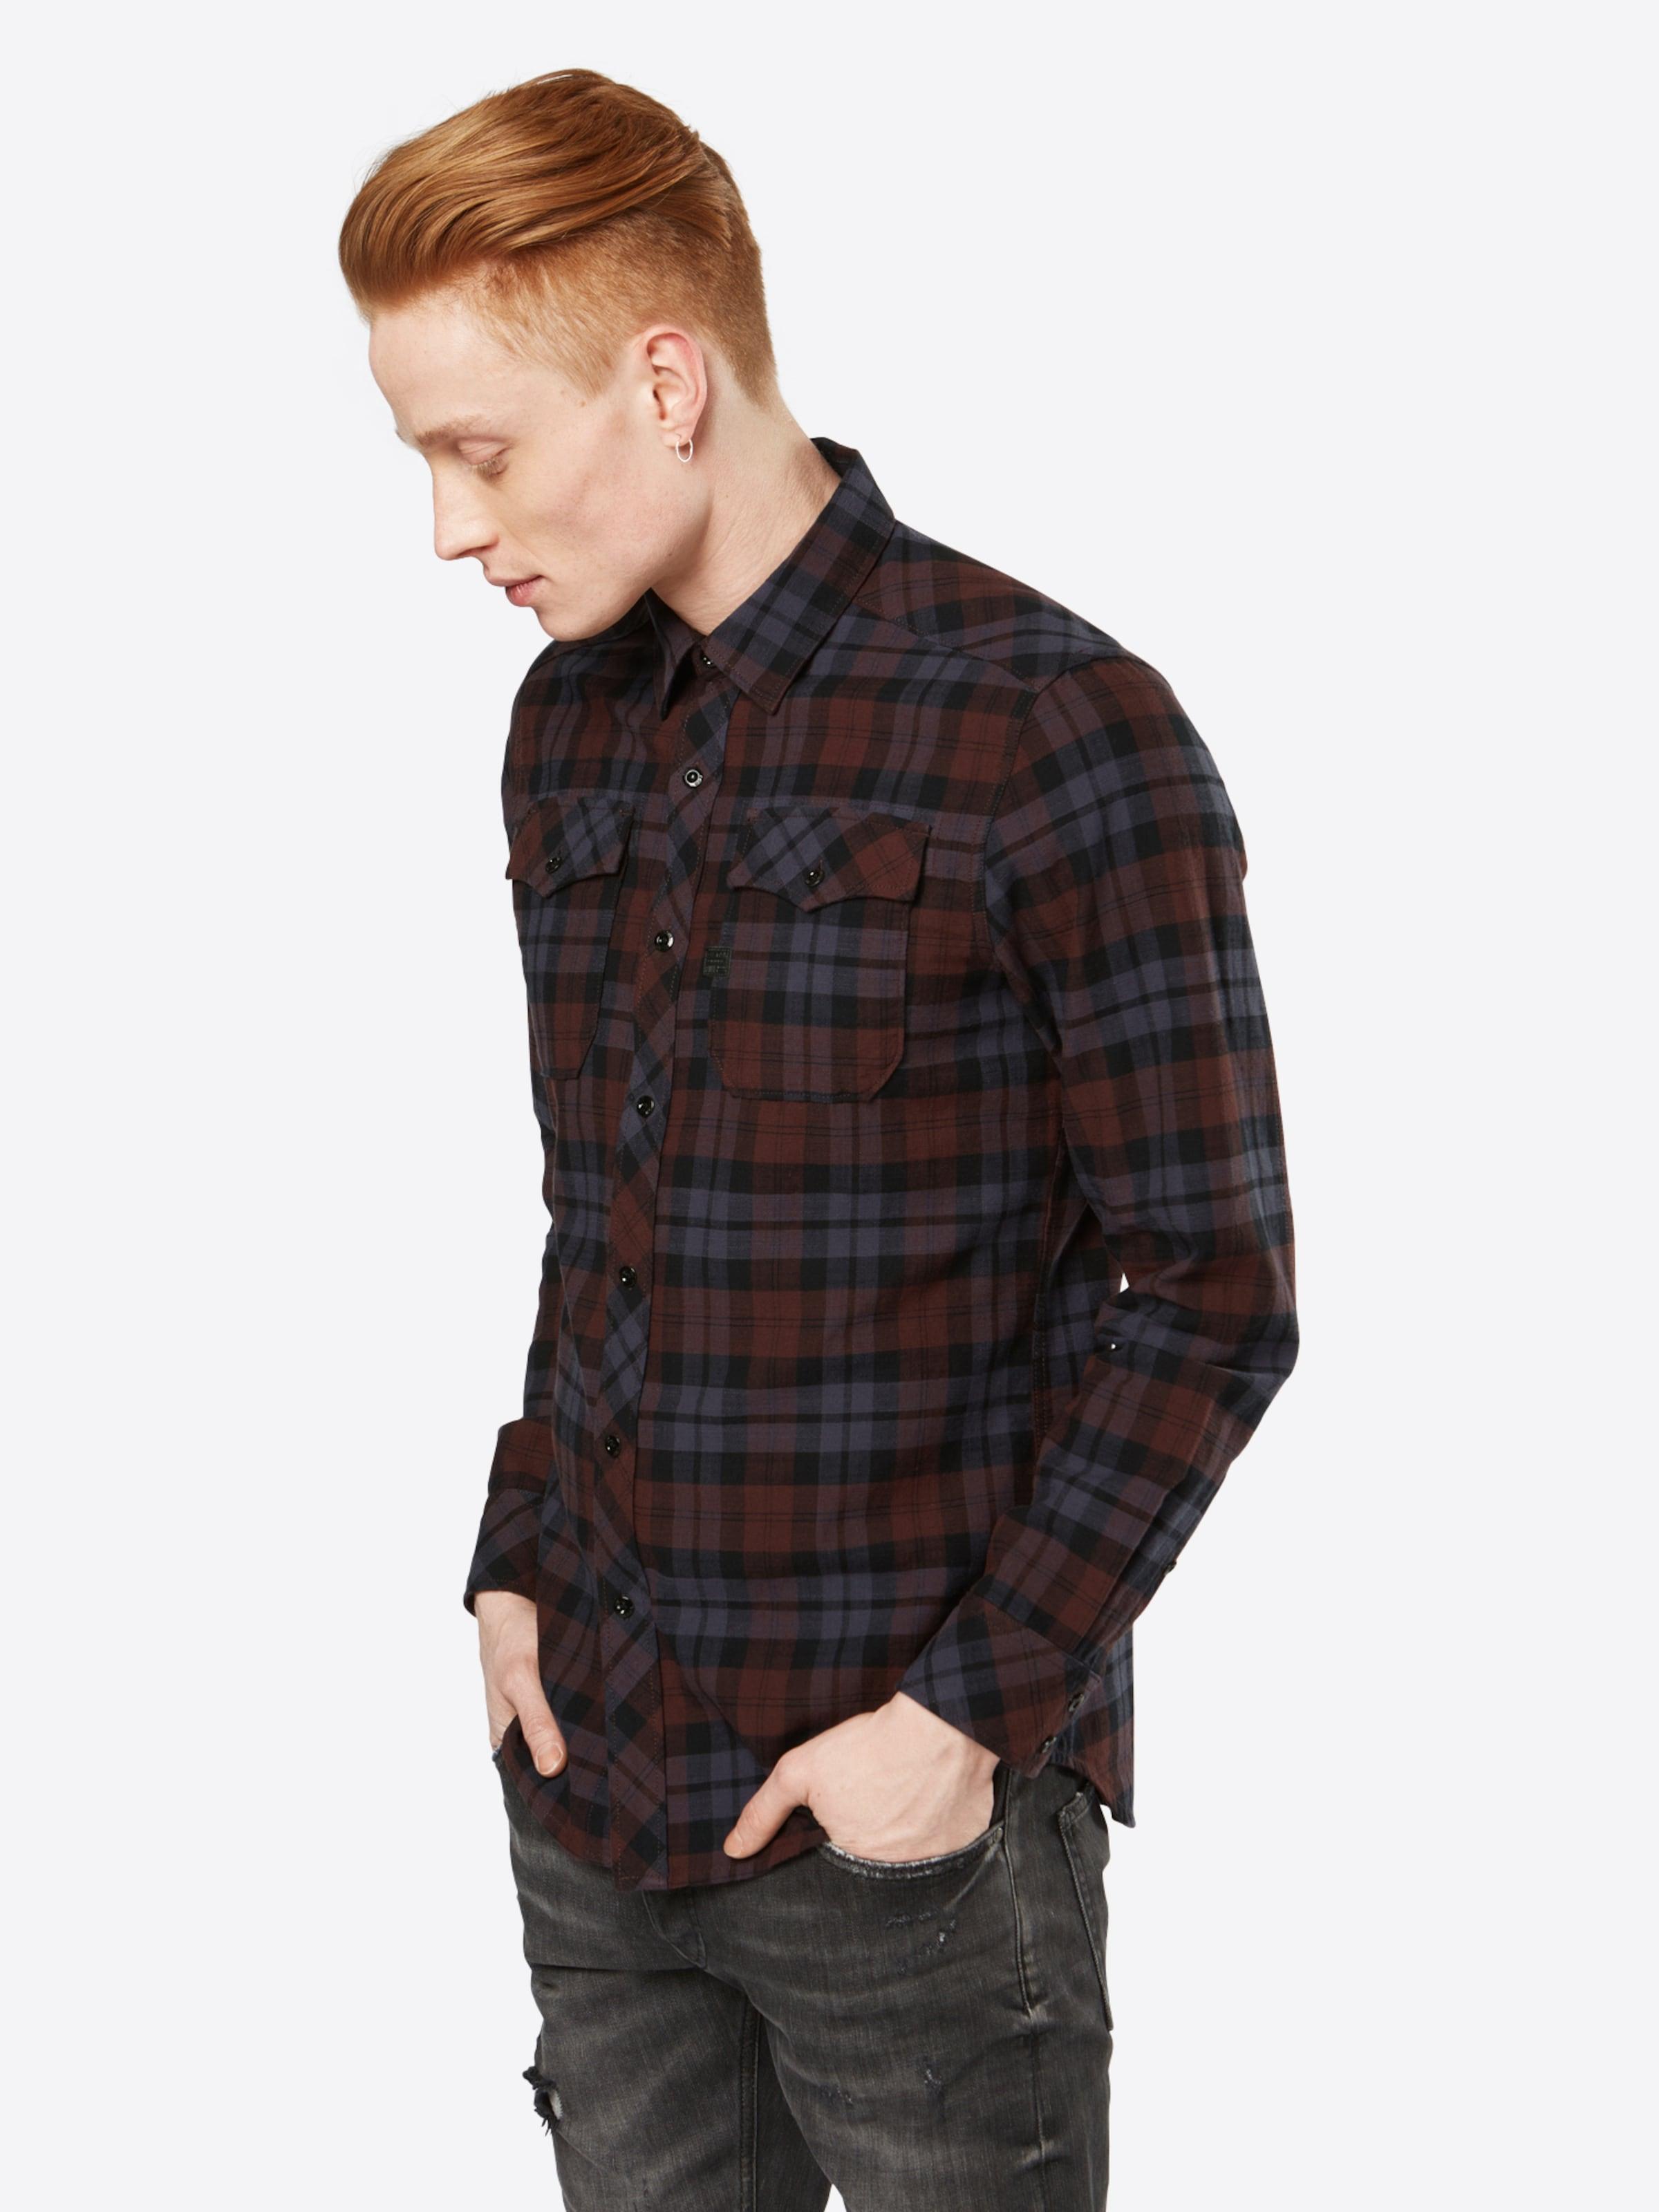 G-STAR RAW Hemd 'Landoh Shirt l/s' Verkauf Großhandelspreis Beliebt Wählen Sie Eine Beste Günstig Kaufen Low-Cost Billig Verkauf Kosten 0V9ID